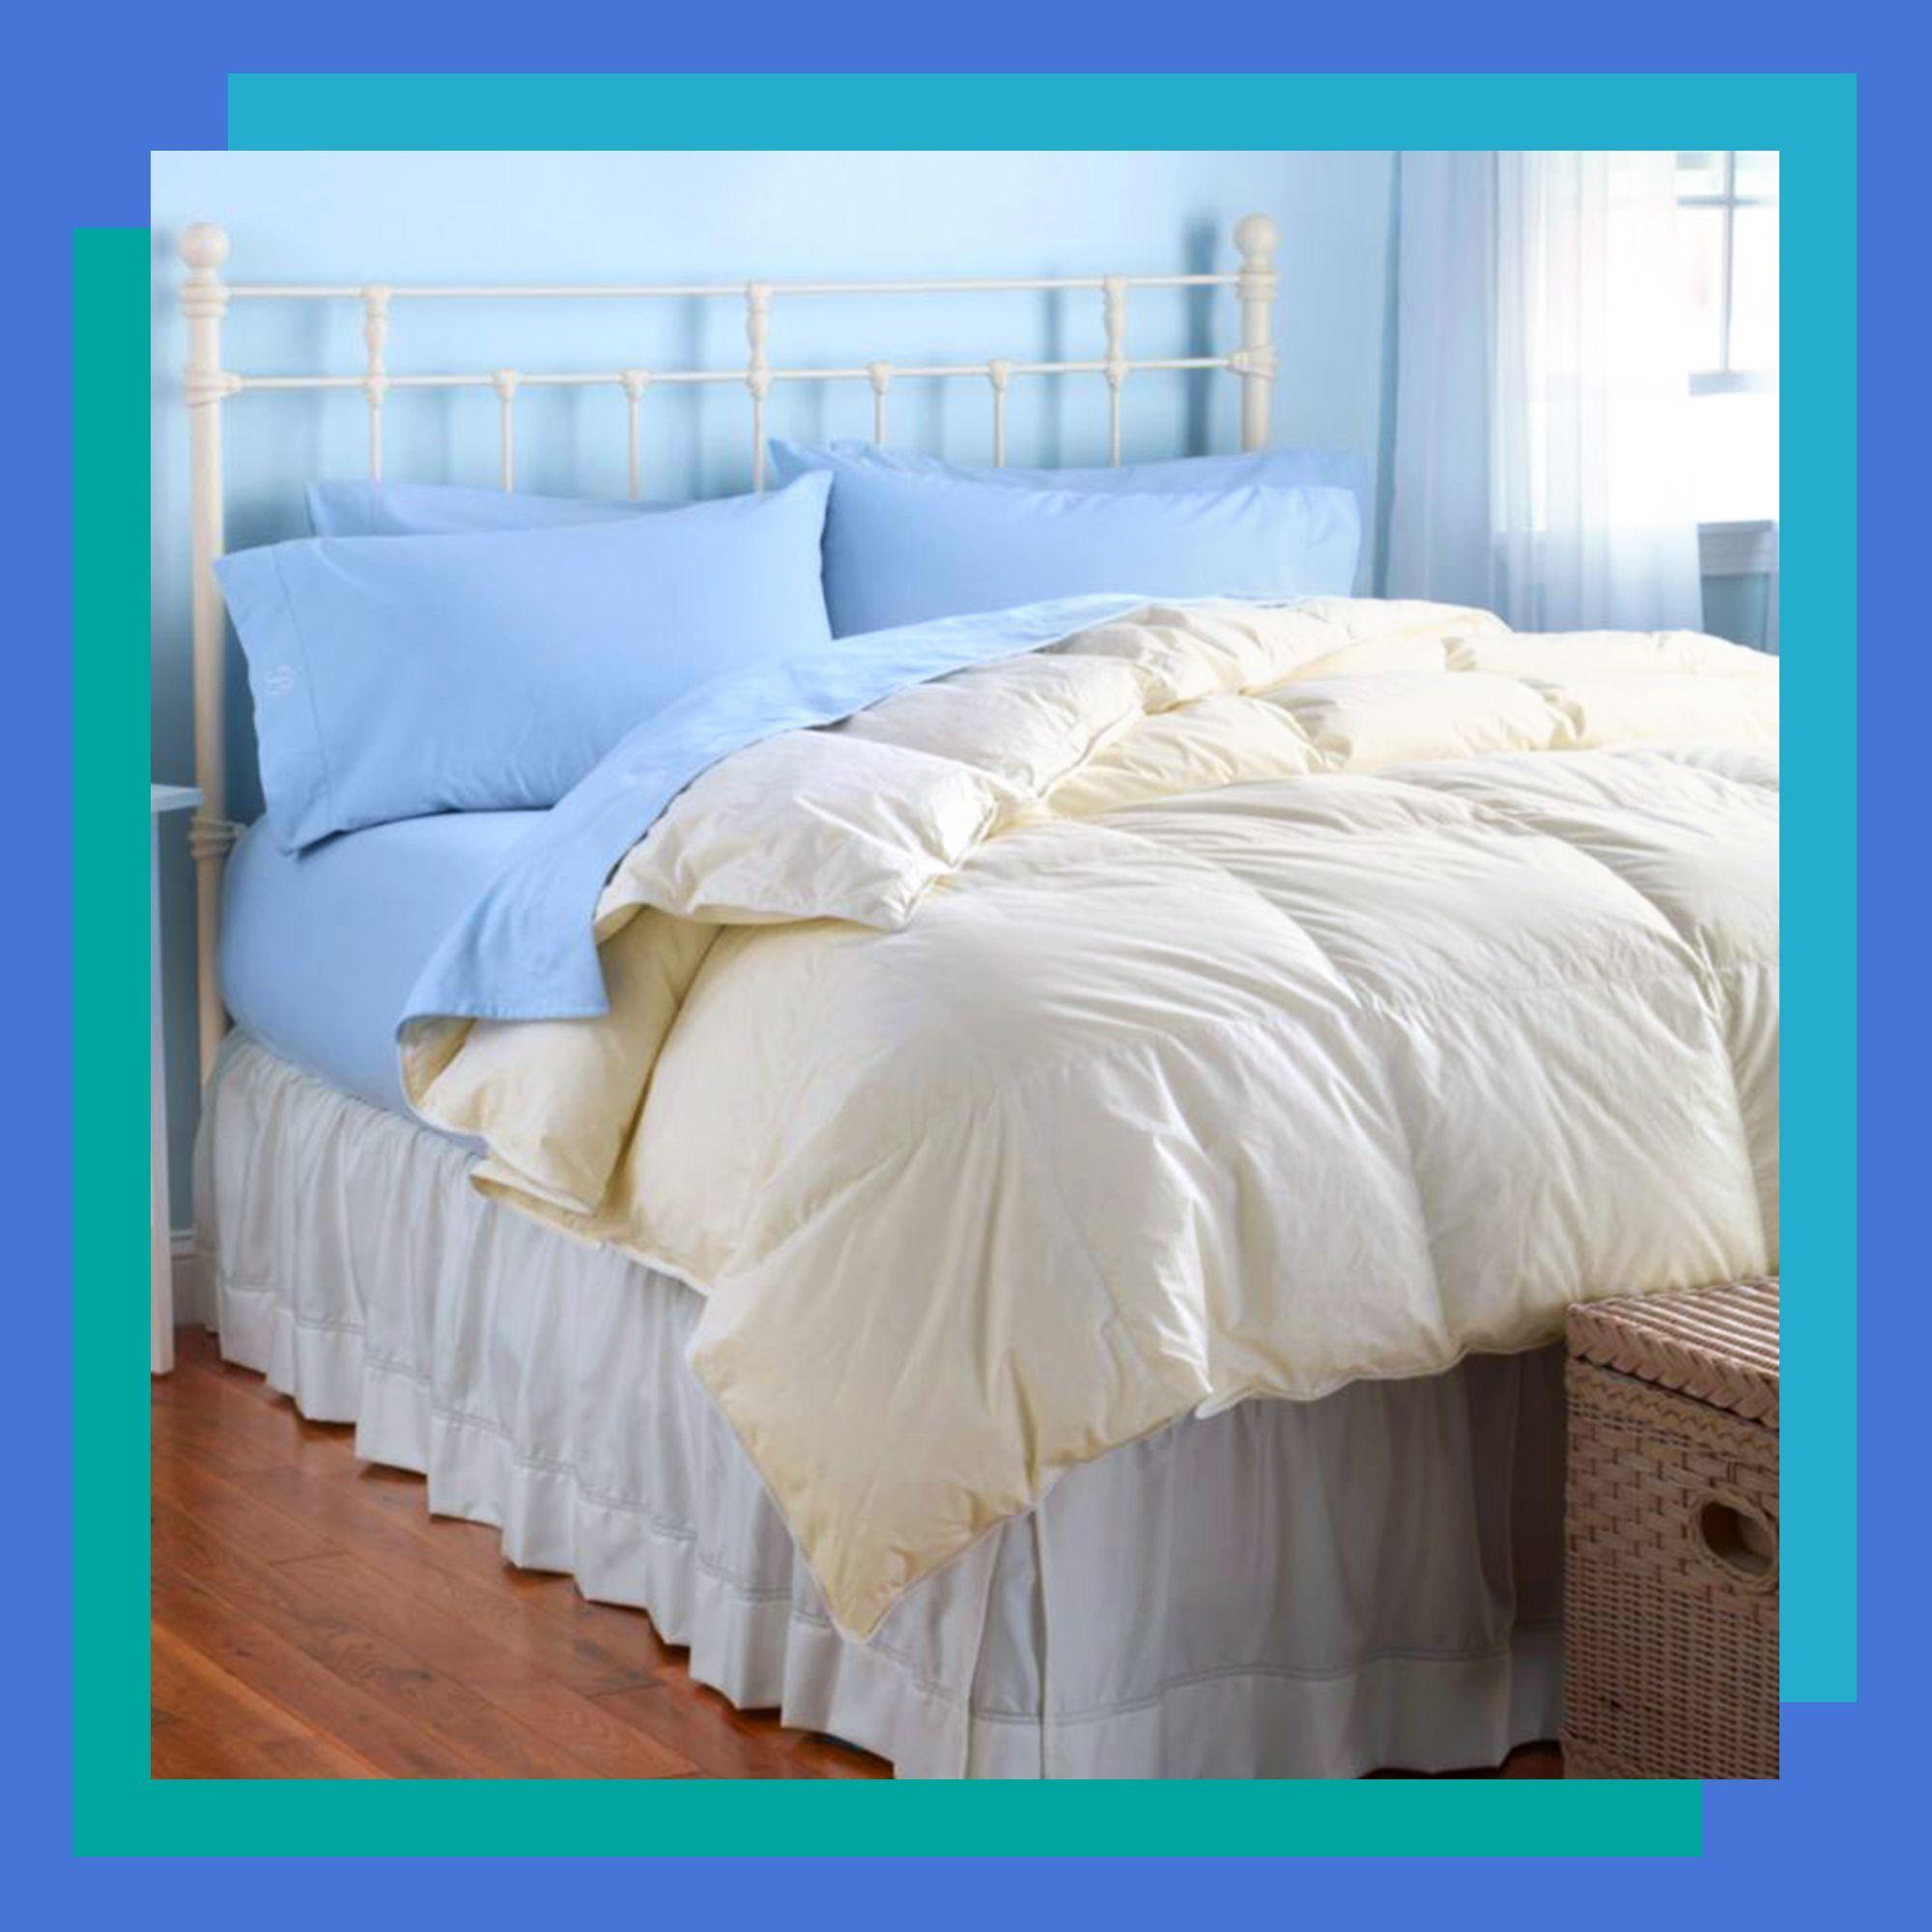 9 Best Down Comforters To Buy In 2020 Down Comforter Reviews